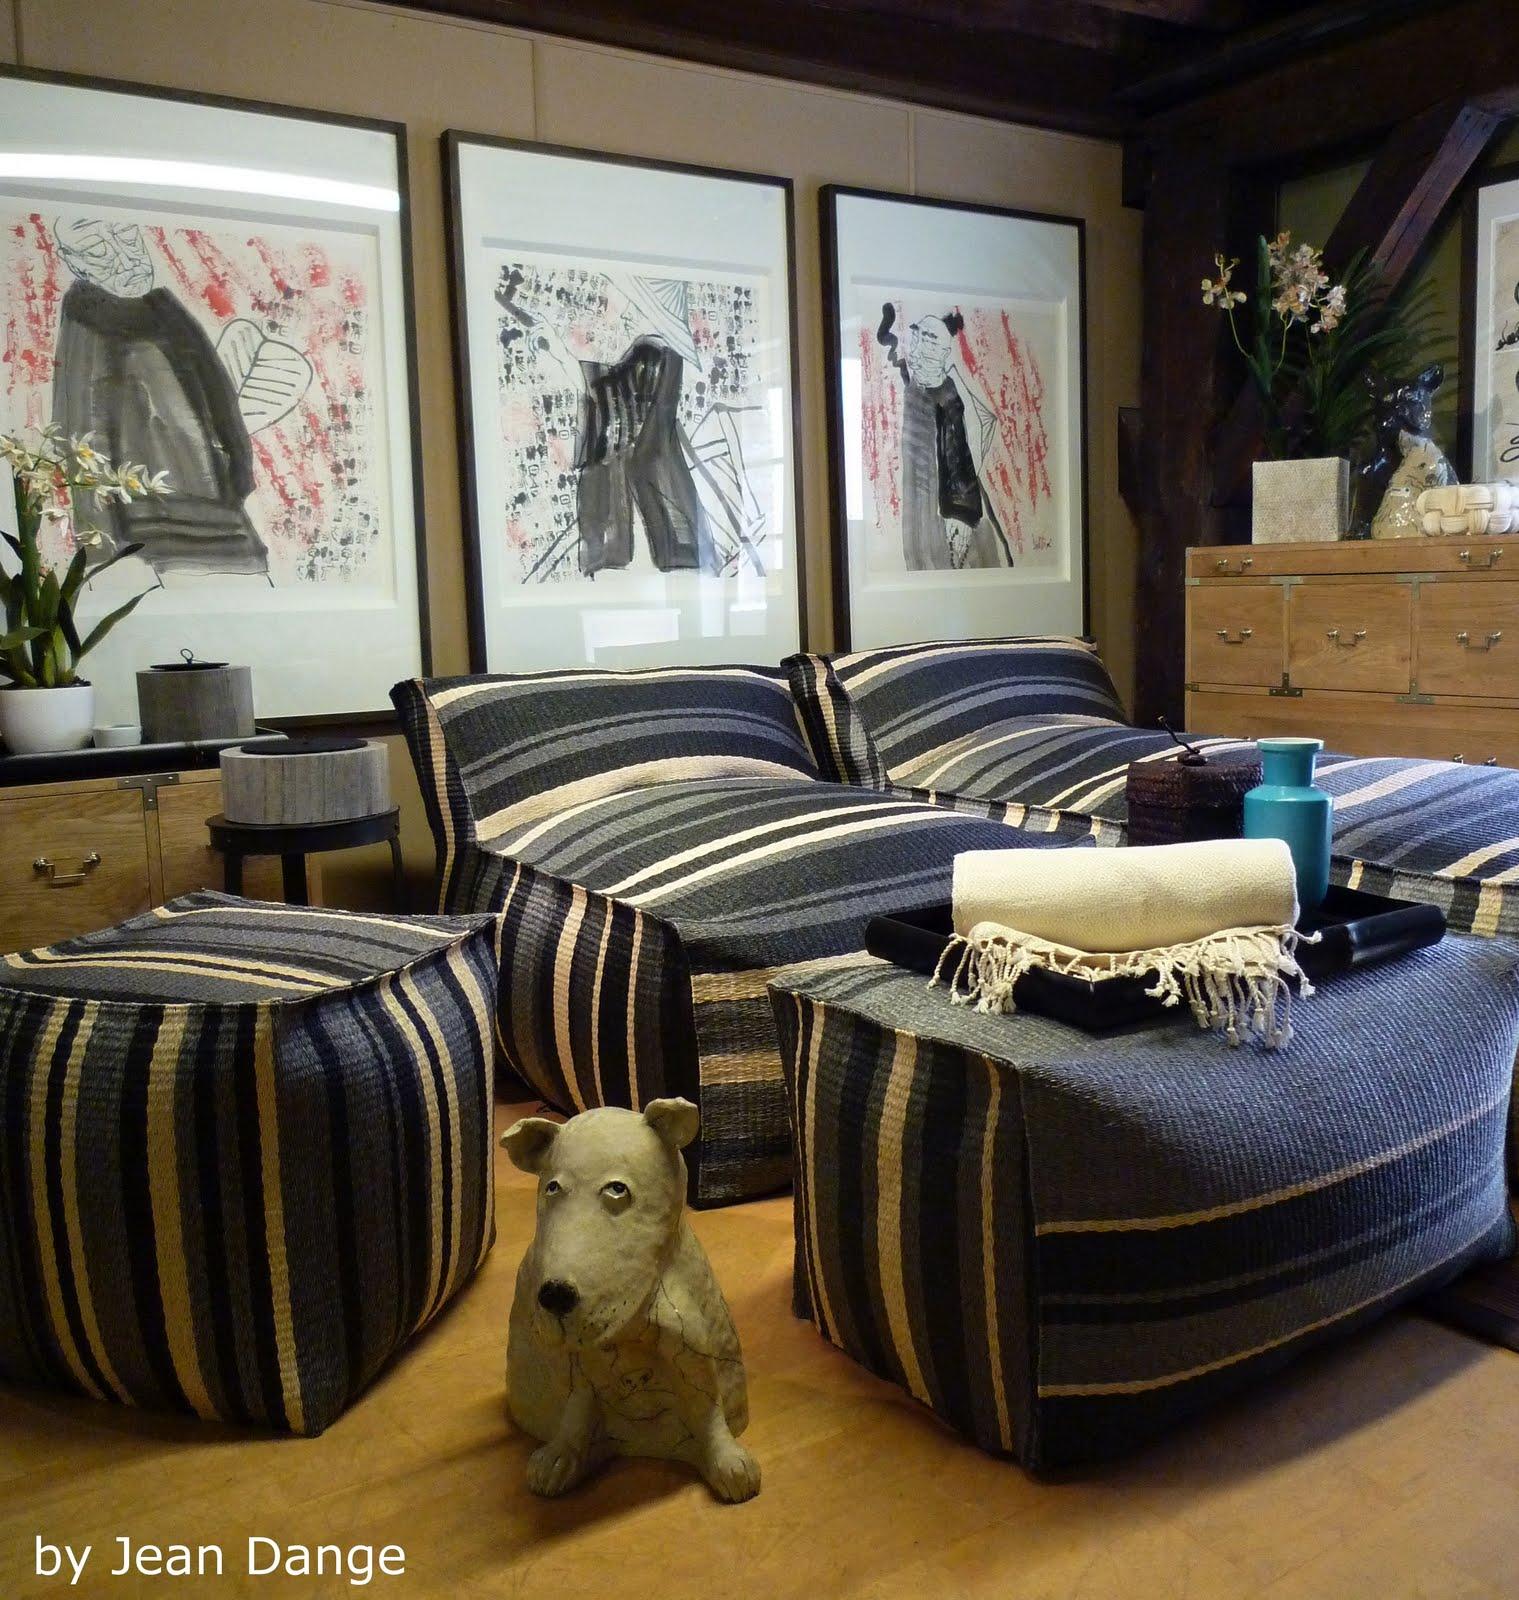 jean dange august 2011. Black Bedroom Furniture Sets. Home Design Ideas